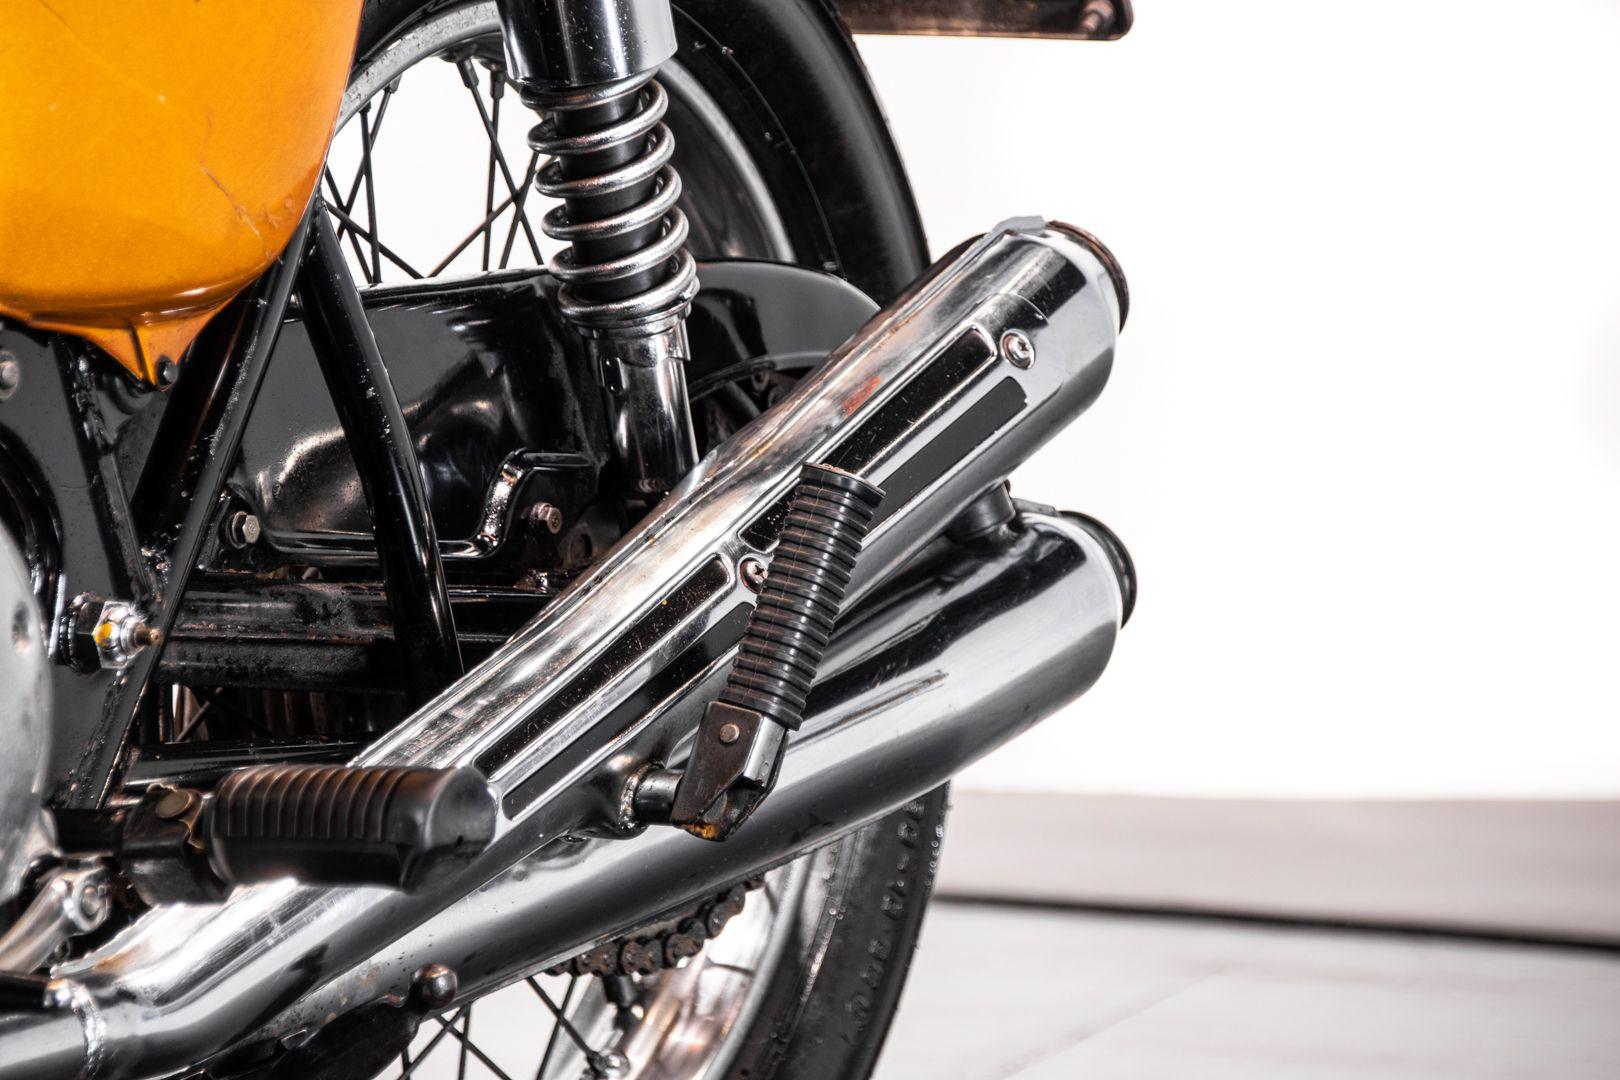 1972 Honda CB 750 Four 67818